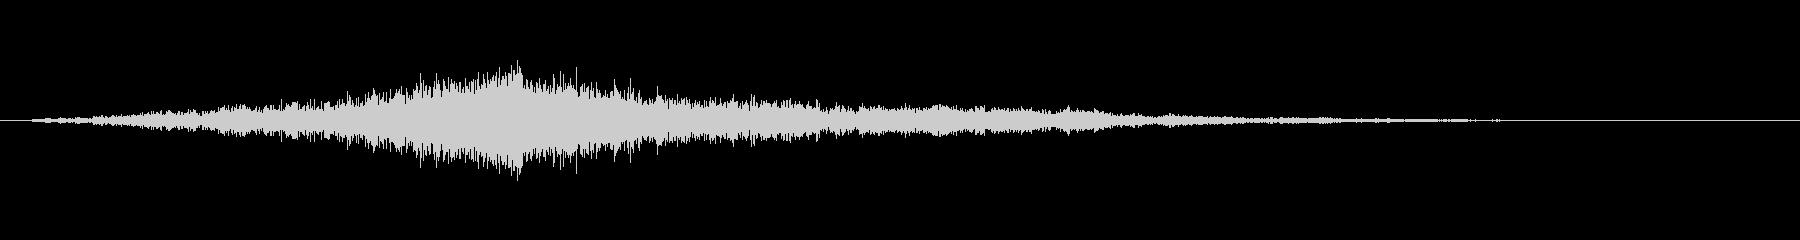 映画でよくあるライズヒットなサウンドロゴの未再生の波形